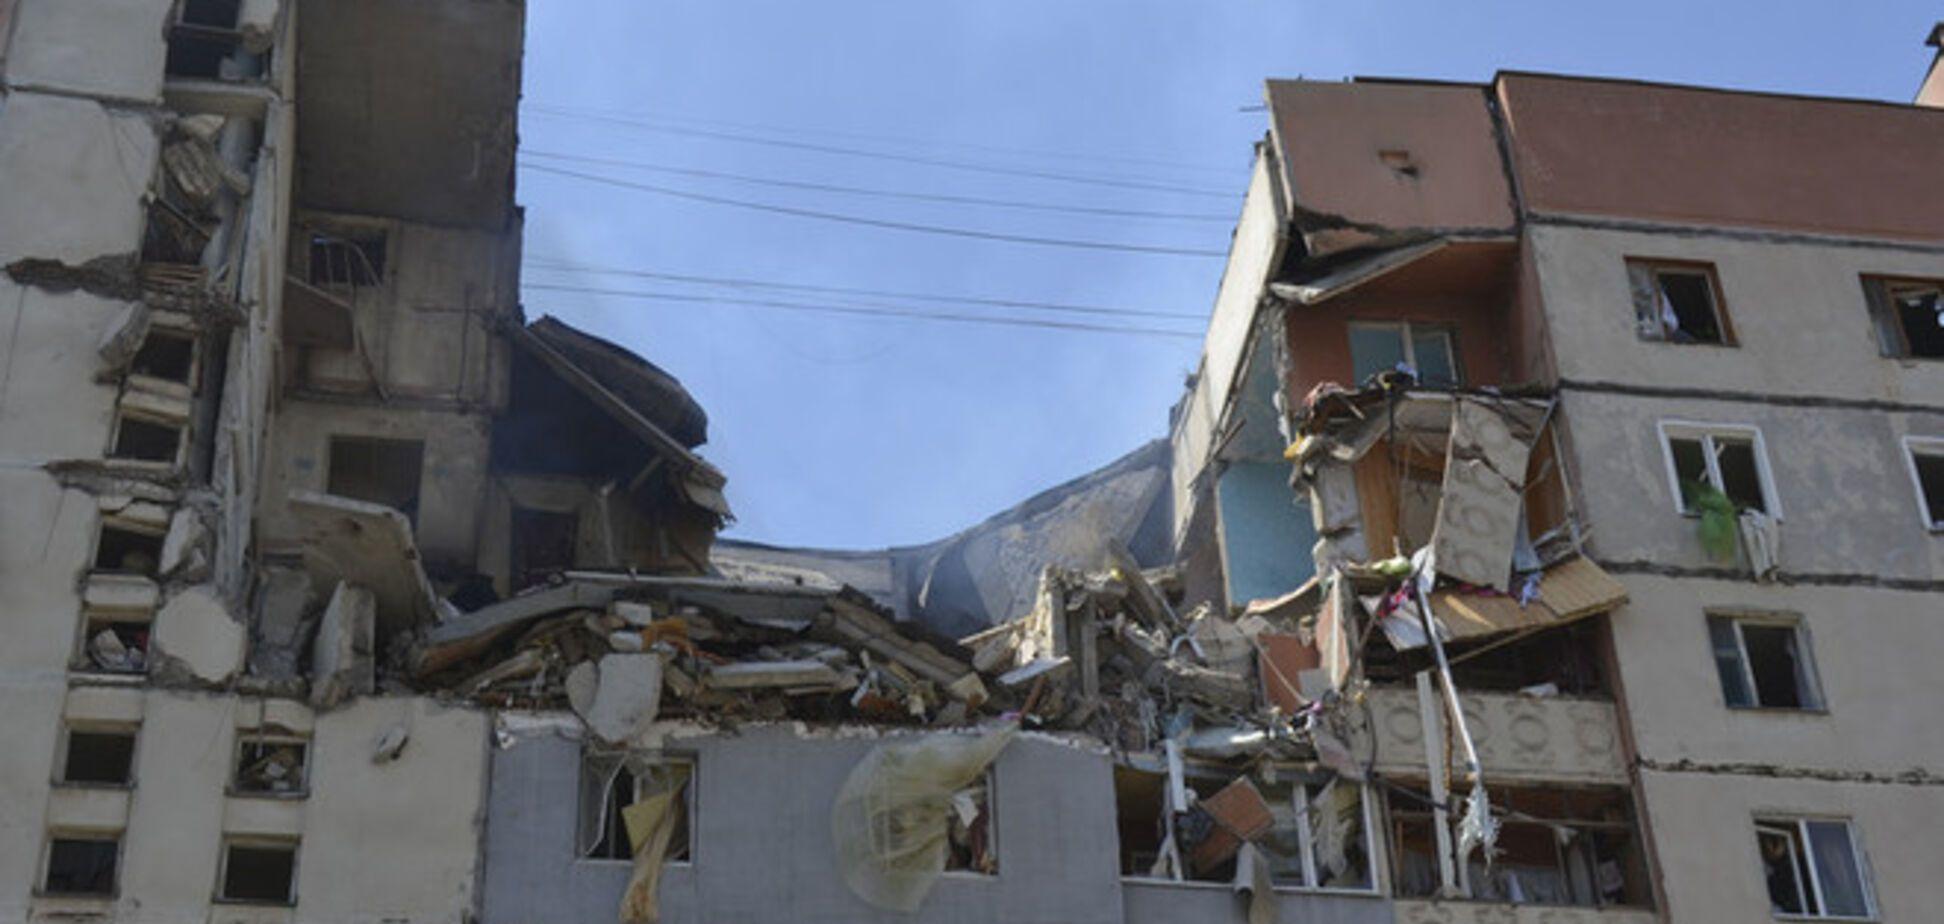 СМИ: из-под завалов дома в Николаеве извлекли тело